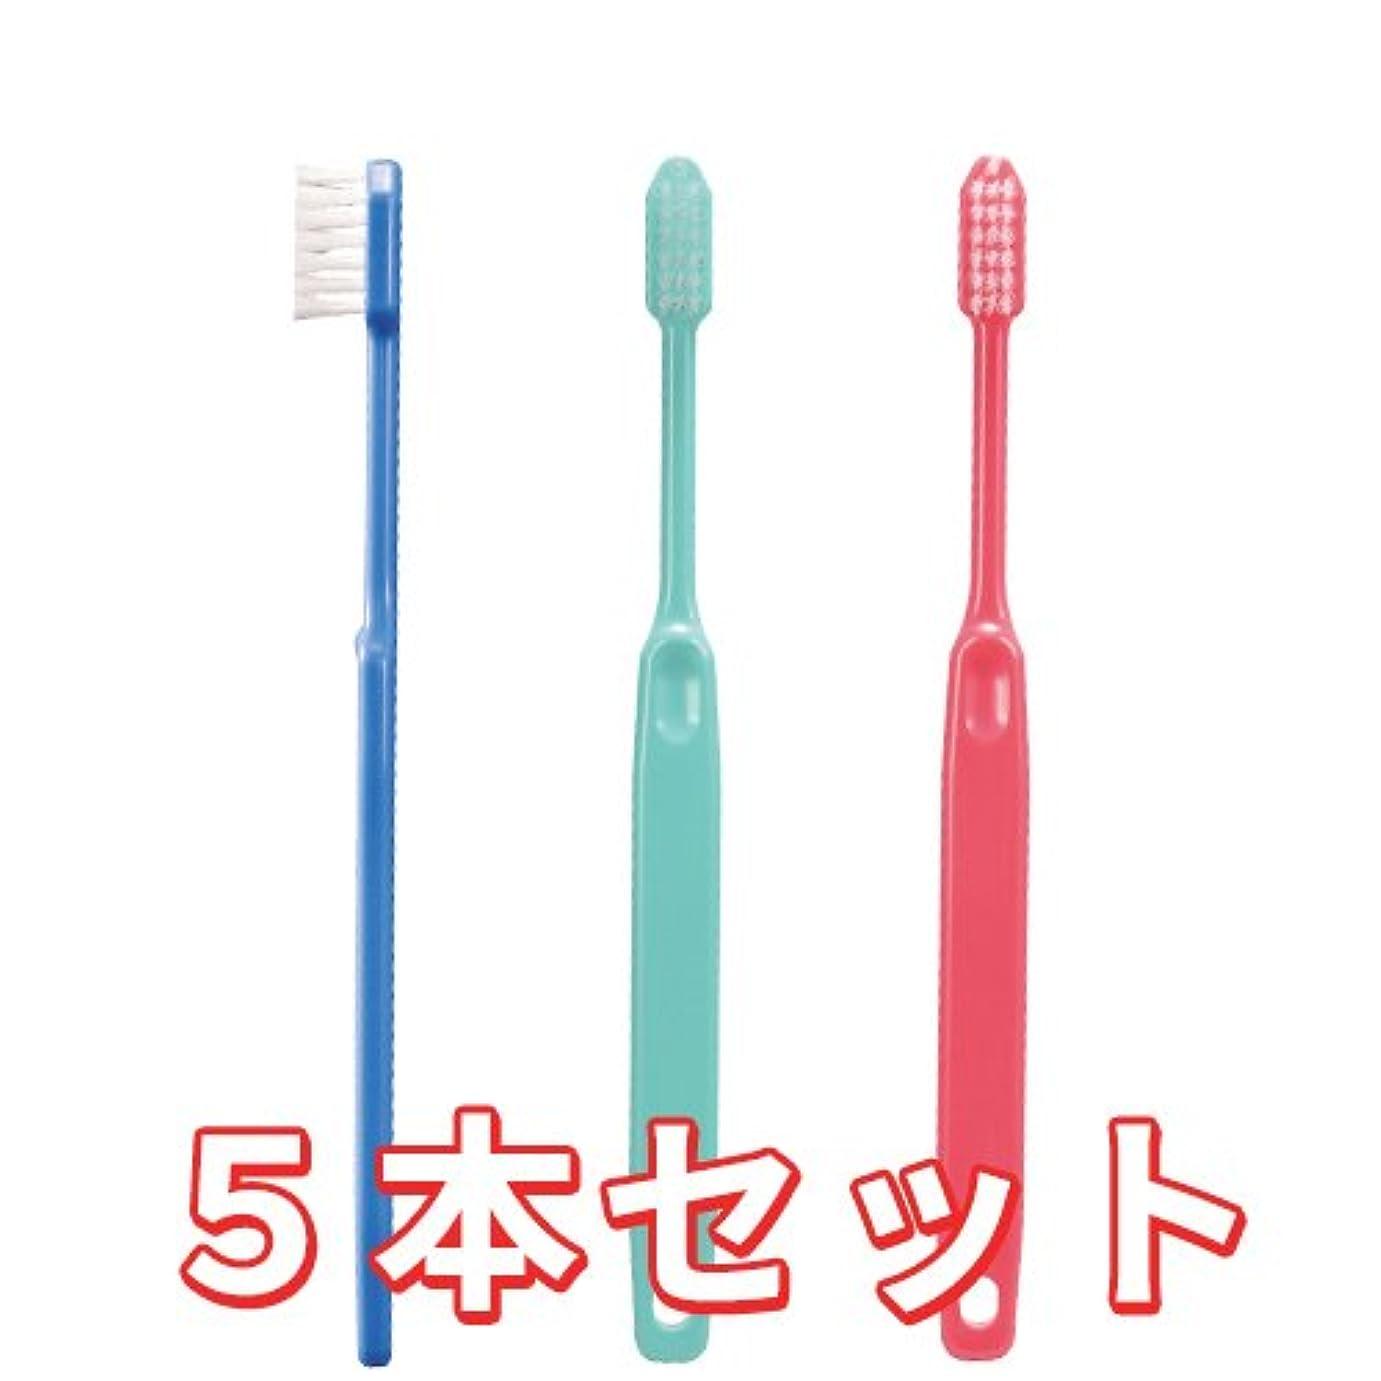 変動する気晴らしオーバーフローCiメディカル 歯ブラシ コンパクトヘッド 疎毛タイプ アソート 5本 (Ci25(やわらかめ))